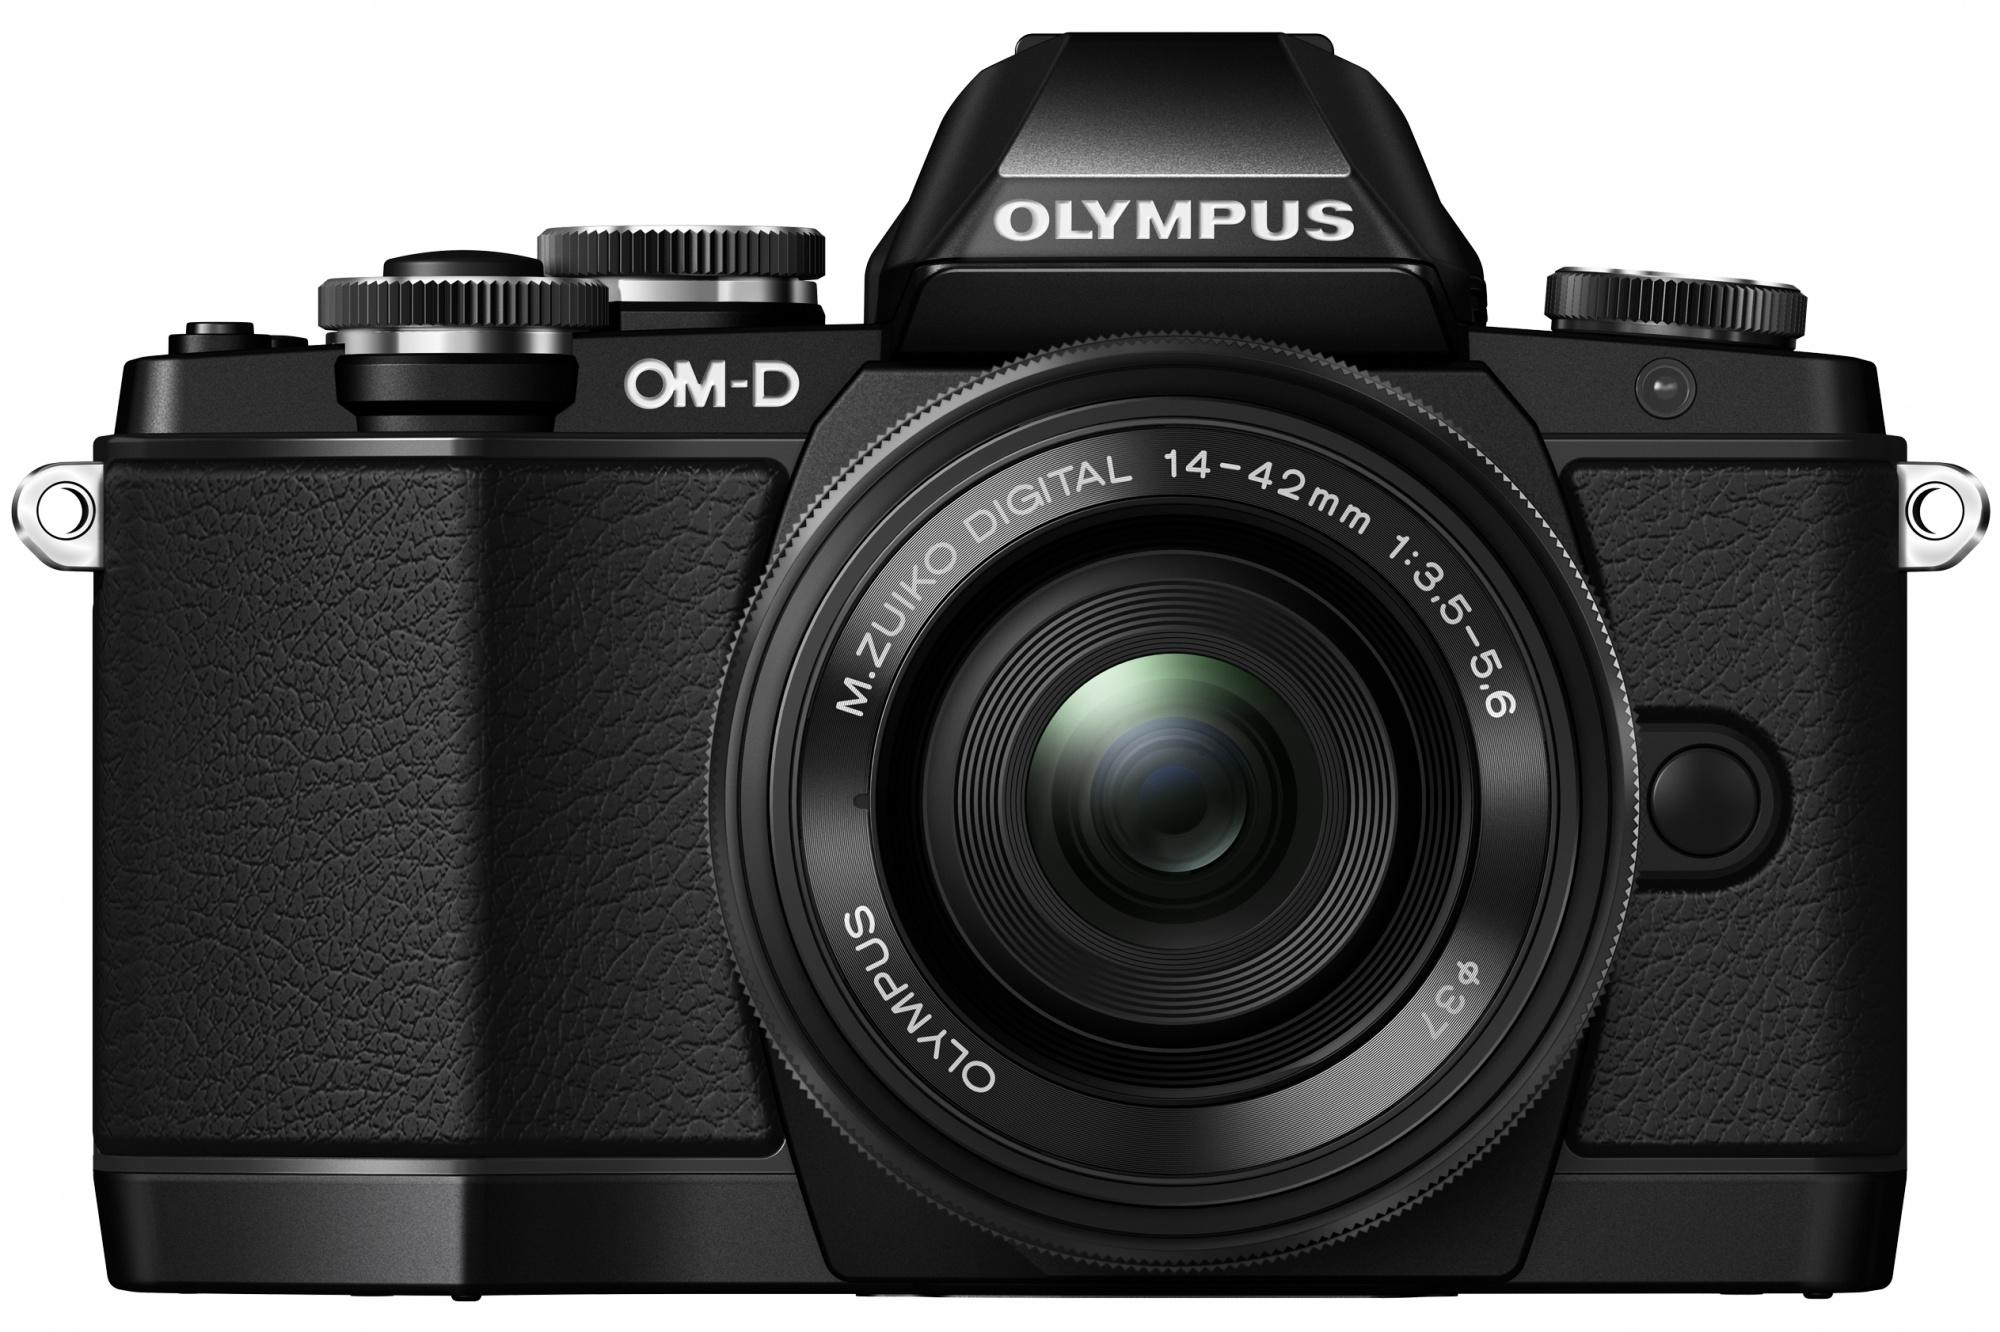 OM-DСистемные фотоаппараты<br>Фотоаппарат<br>